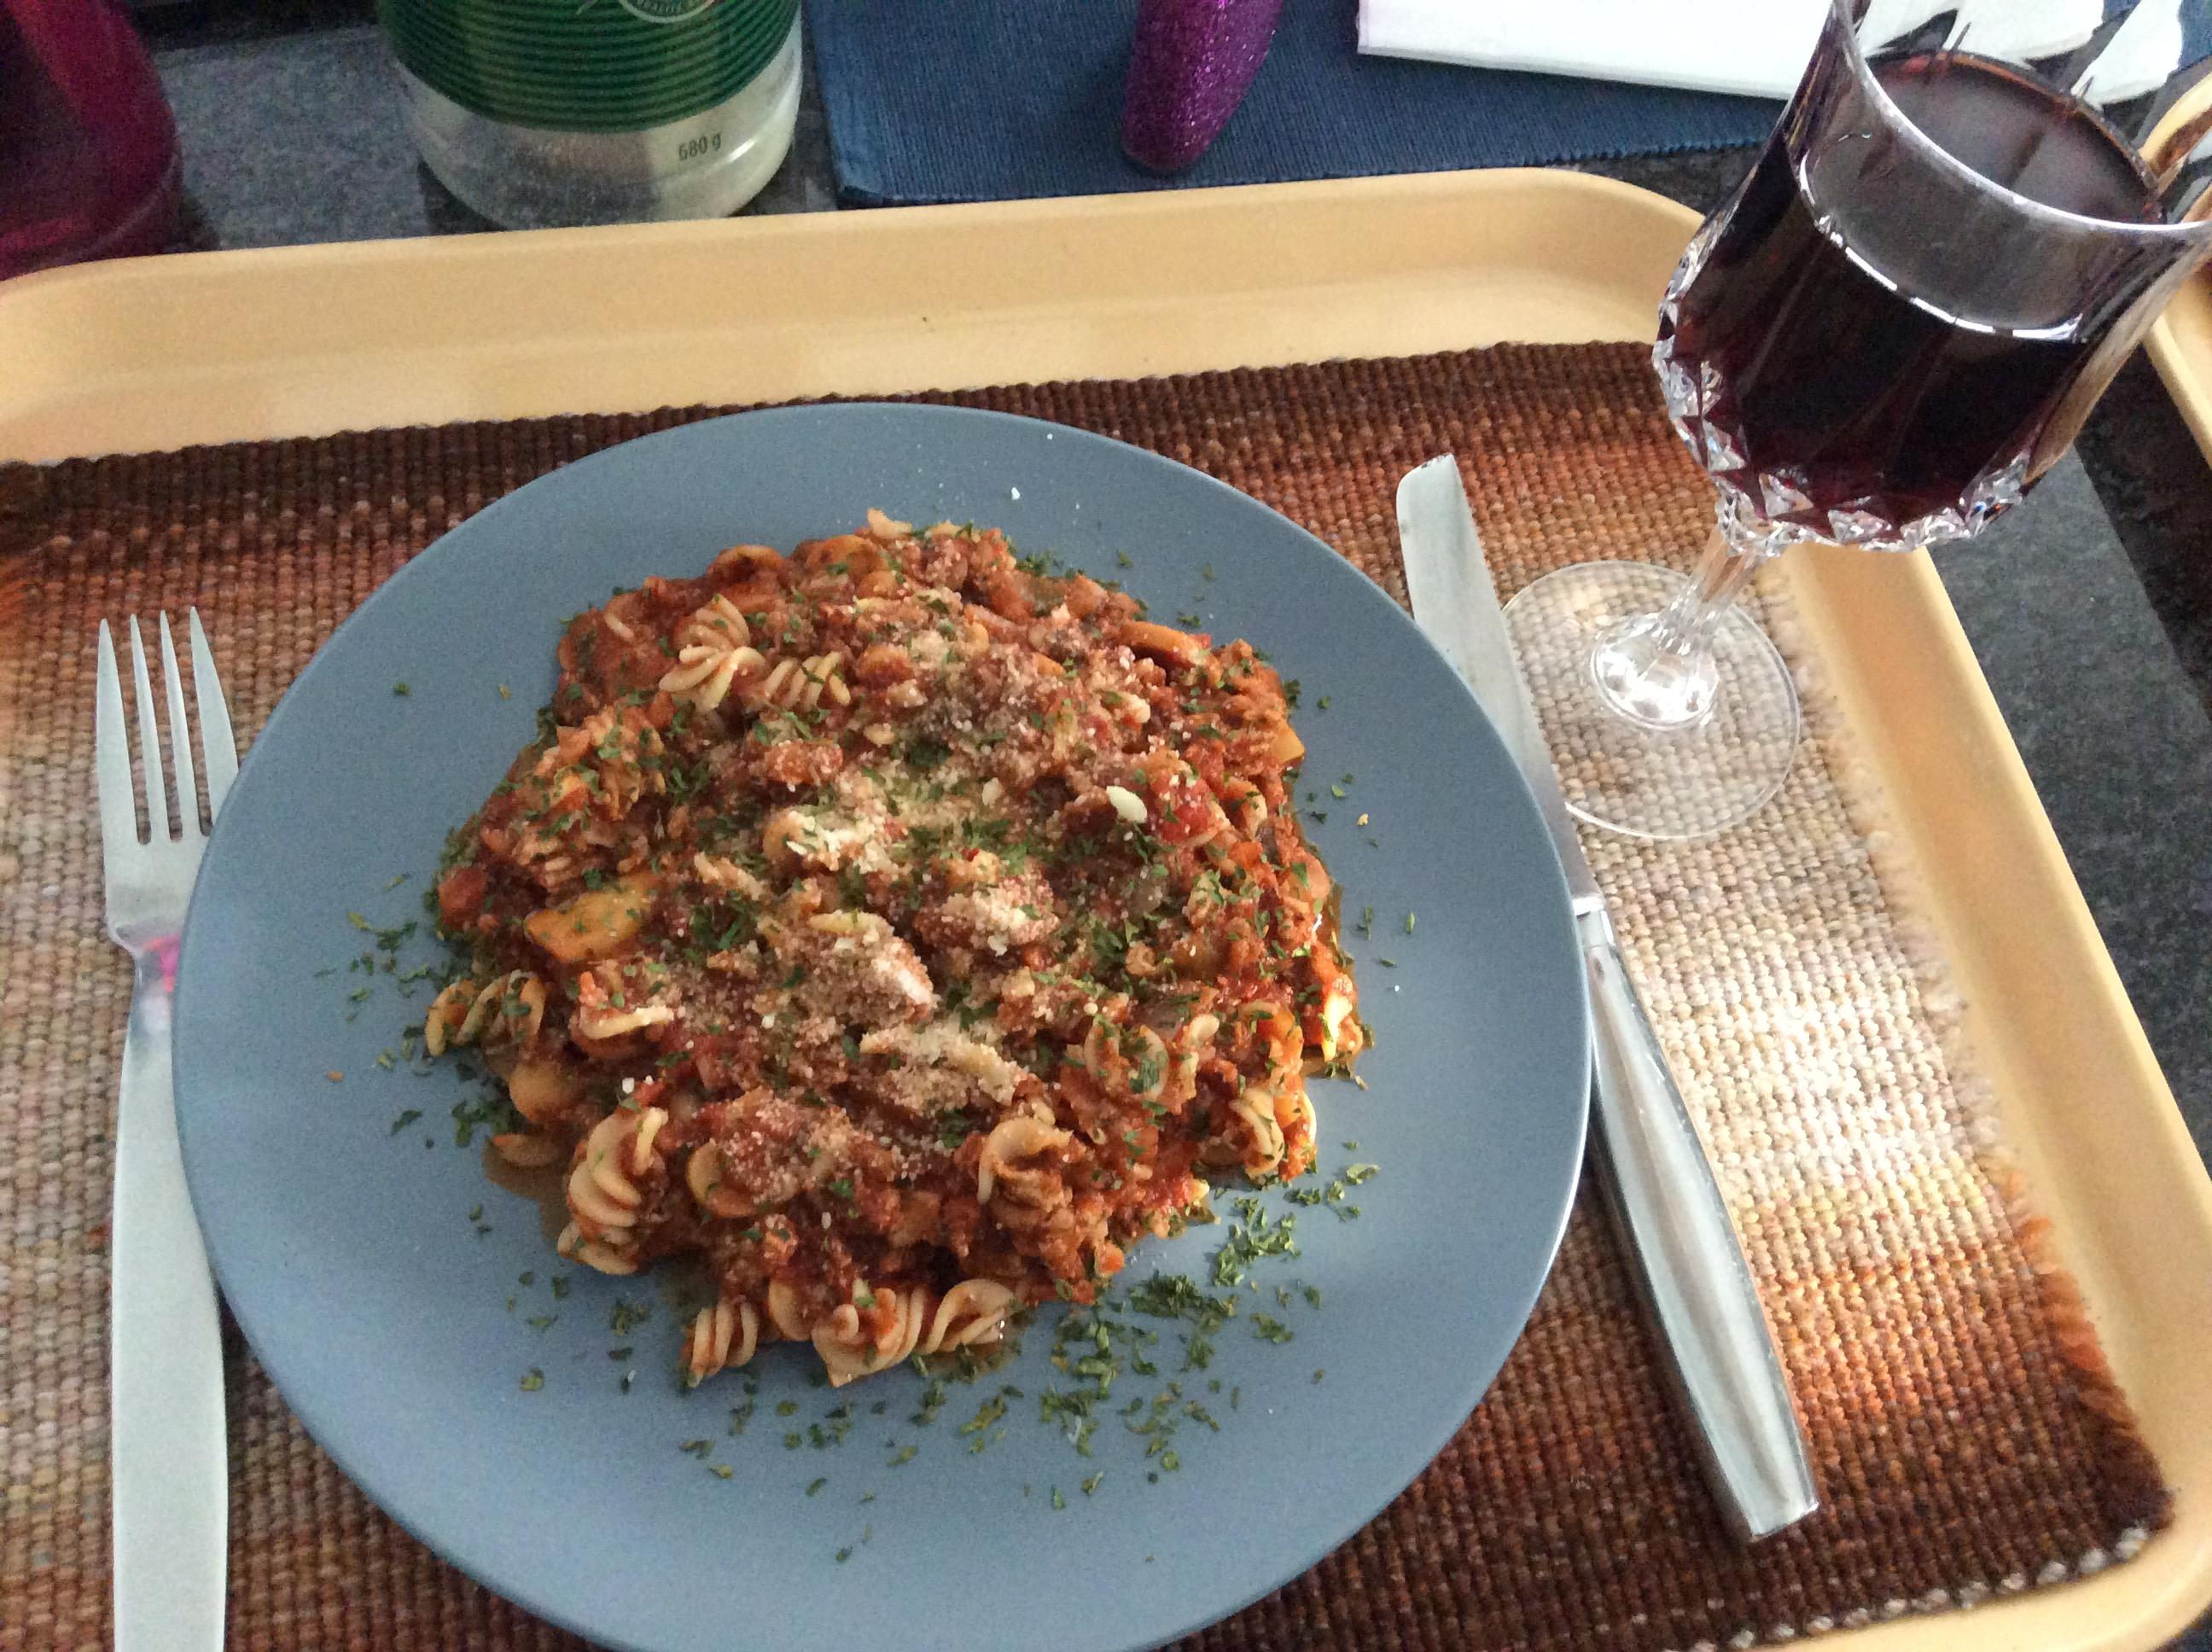 Low-Fat Ground Turkey Pasta